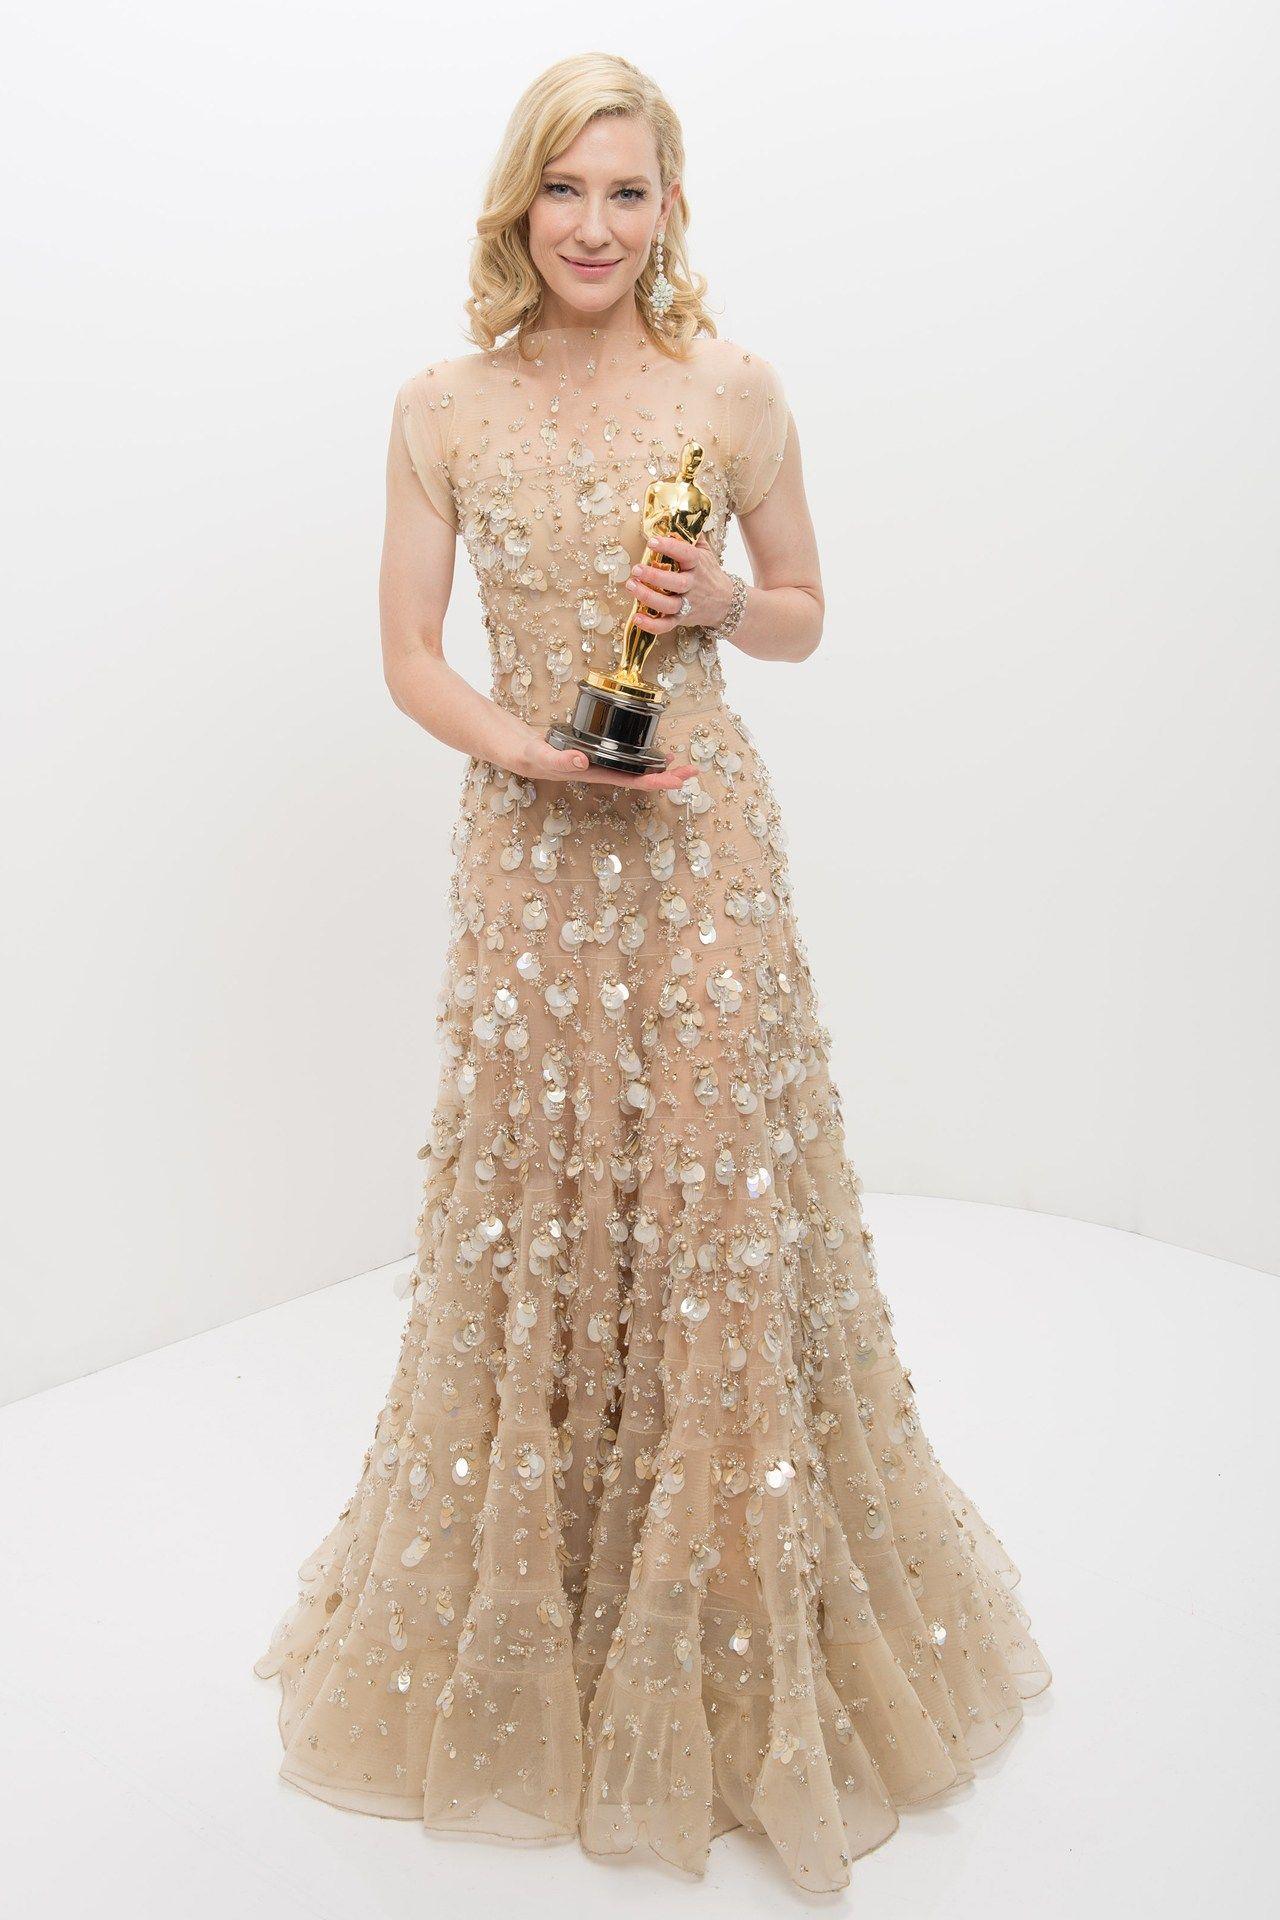 Cate Blanchett In Giorgio Armani At The Oscars